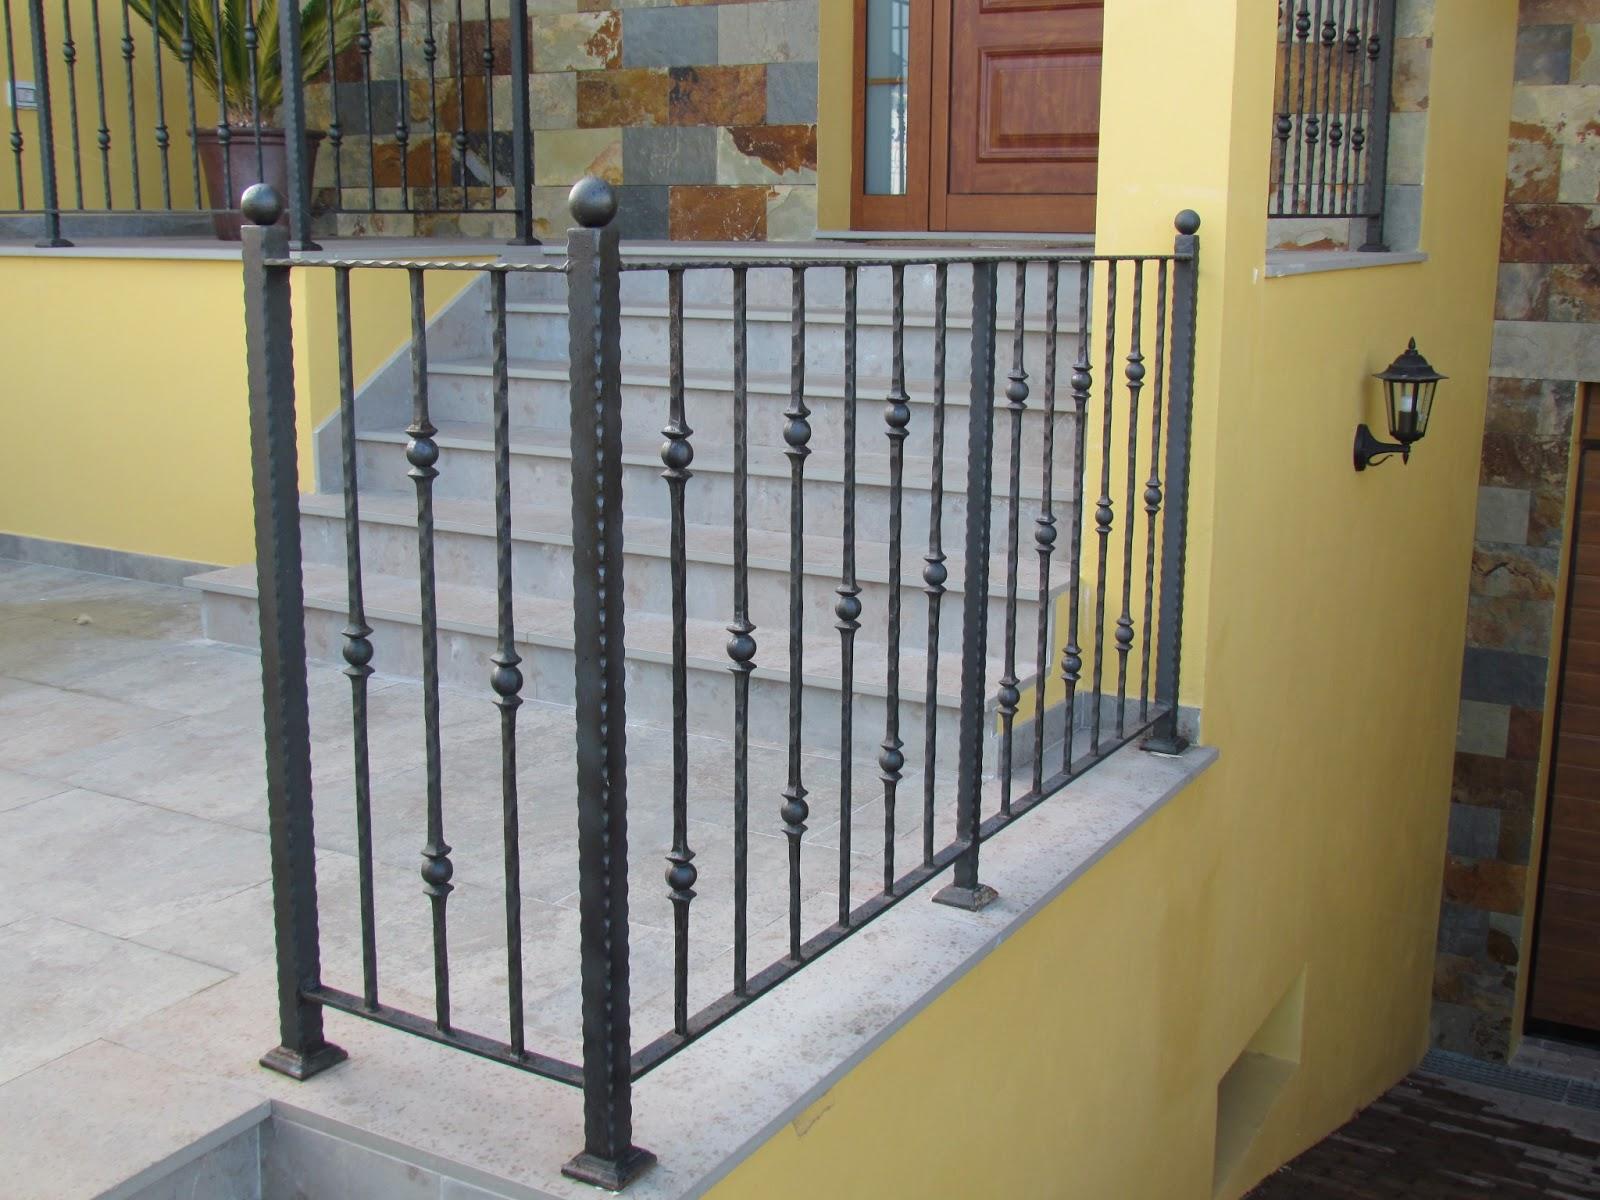 Acero inoxidable tenerife barandas de forja tenerife - Barandas de forja para escaleras ...